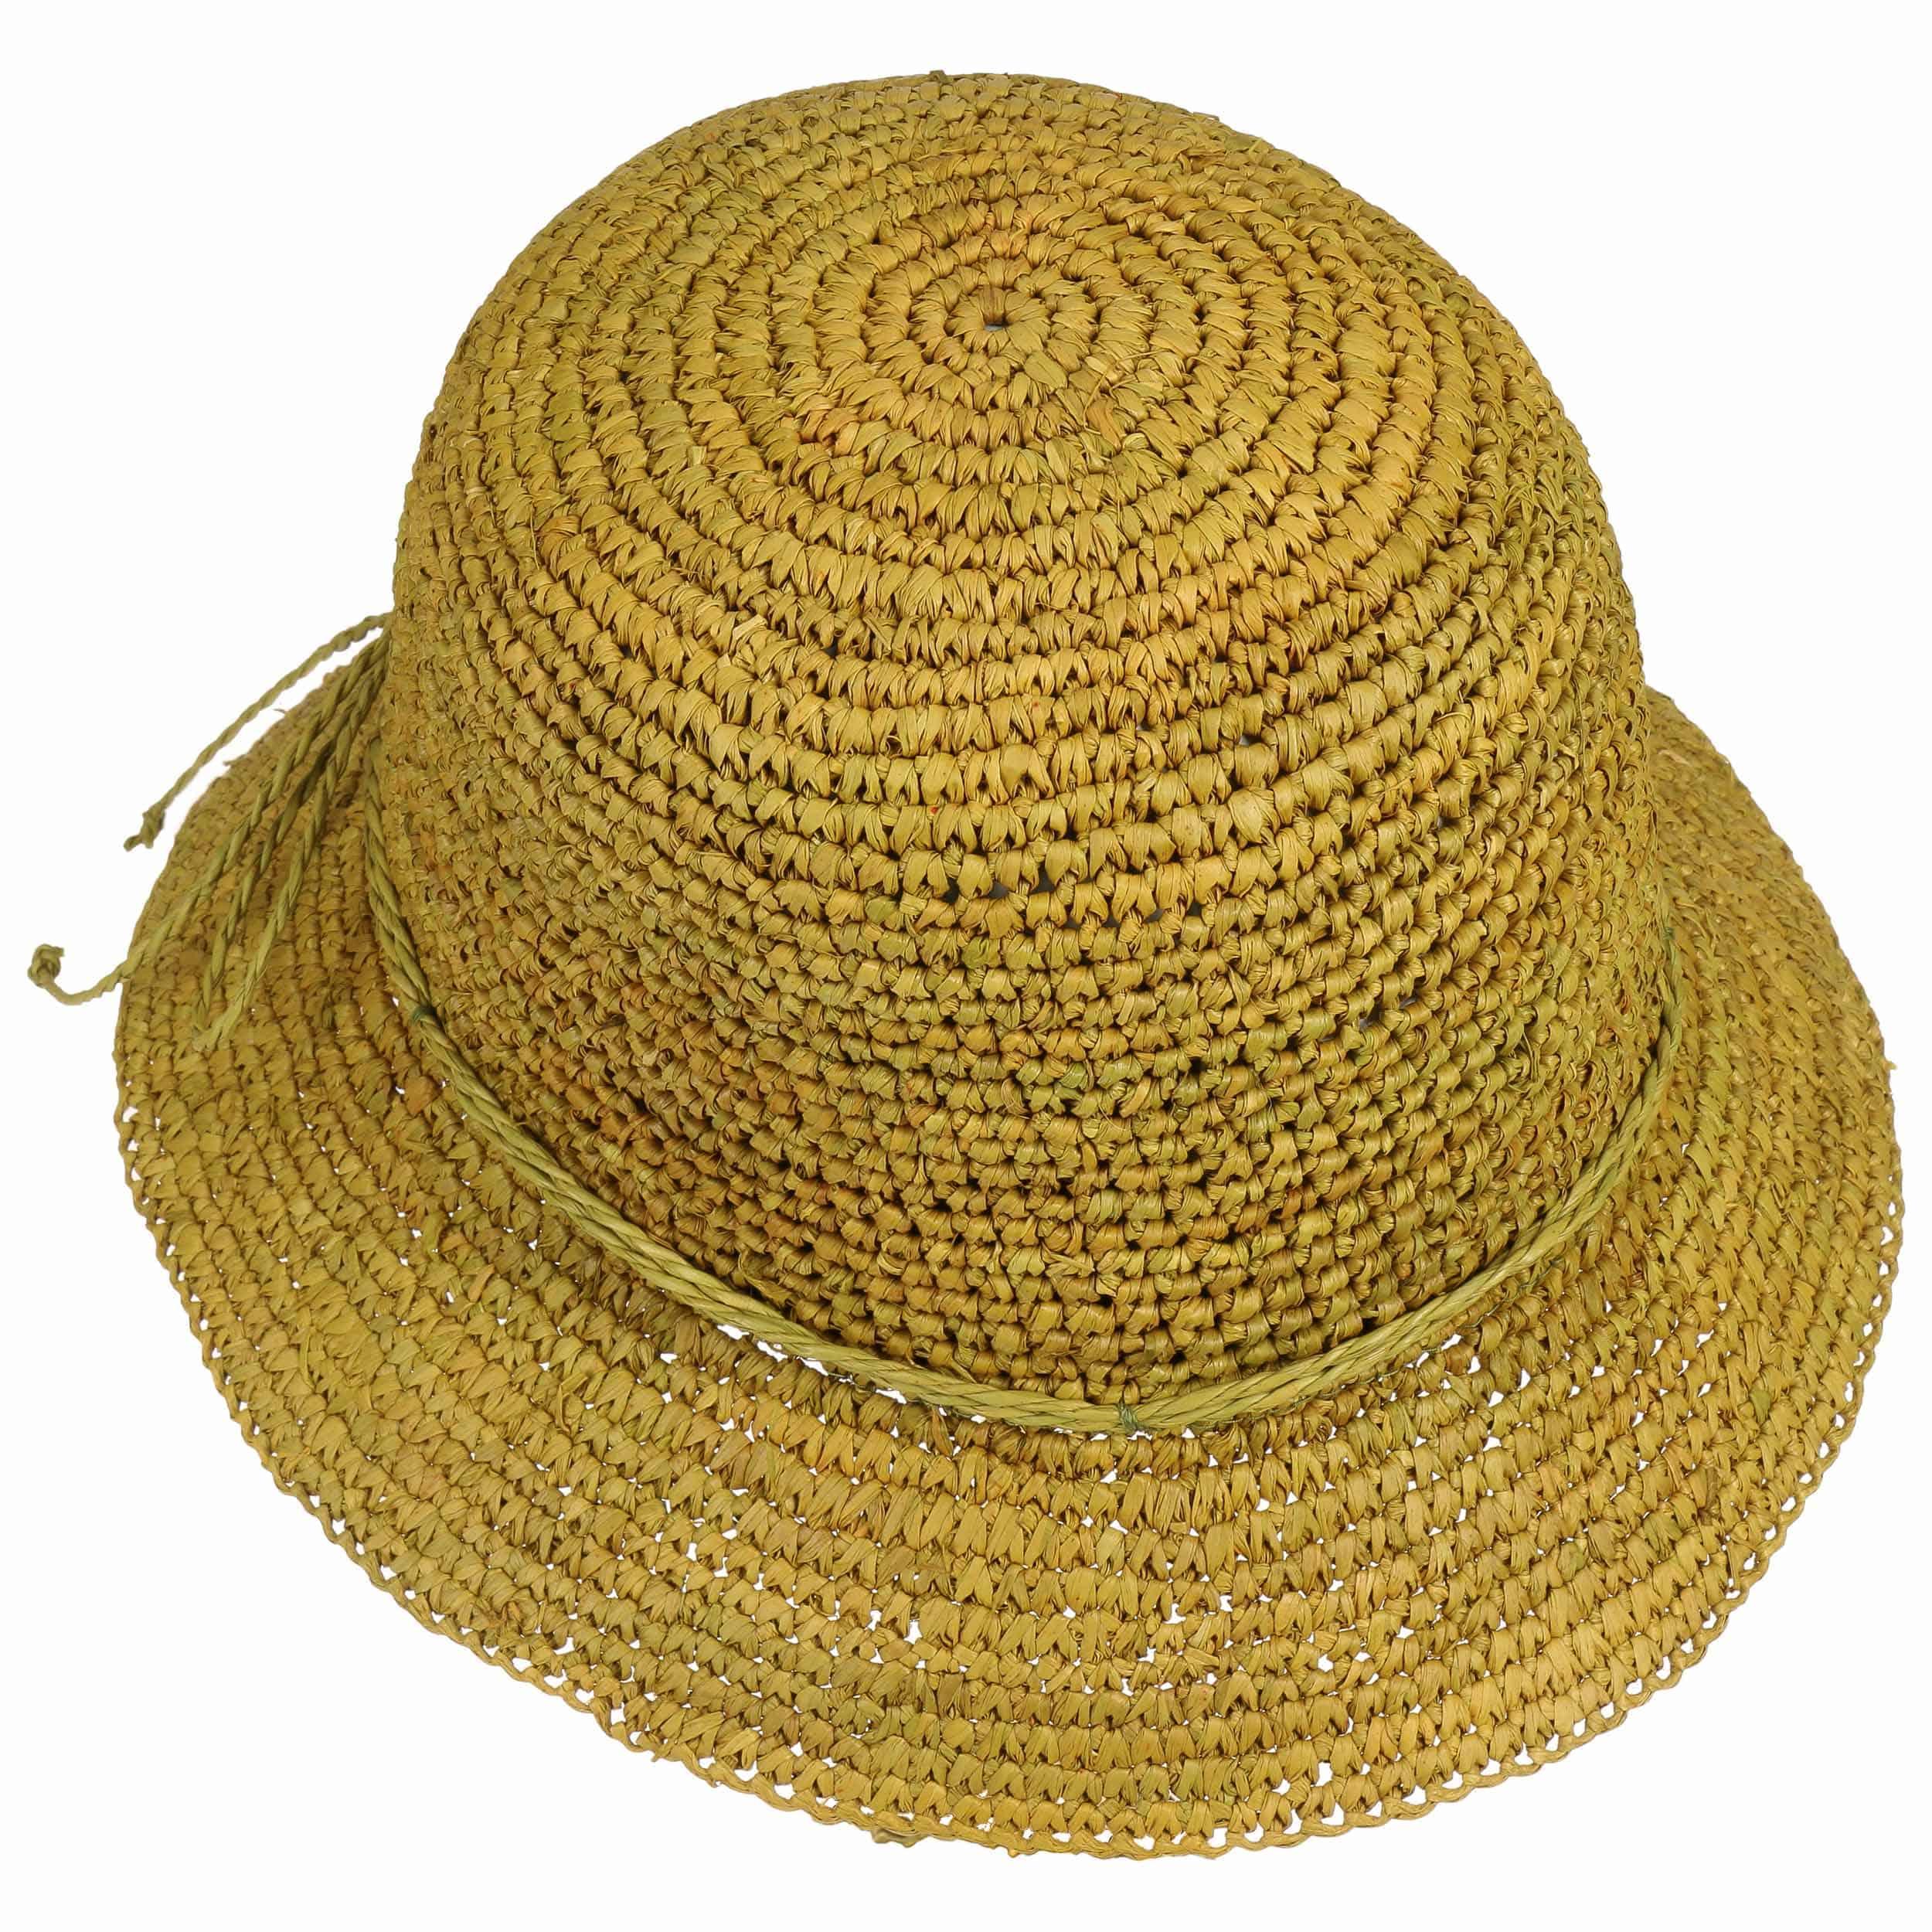 Sombrero Cloché Paja Jessie by Seeberger - Sombreros - sombreroshop.es f41d07e0d14d